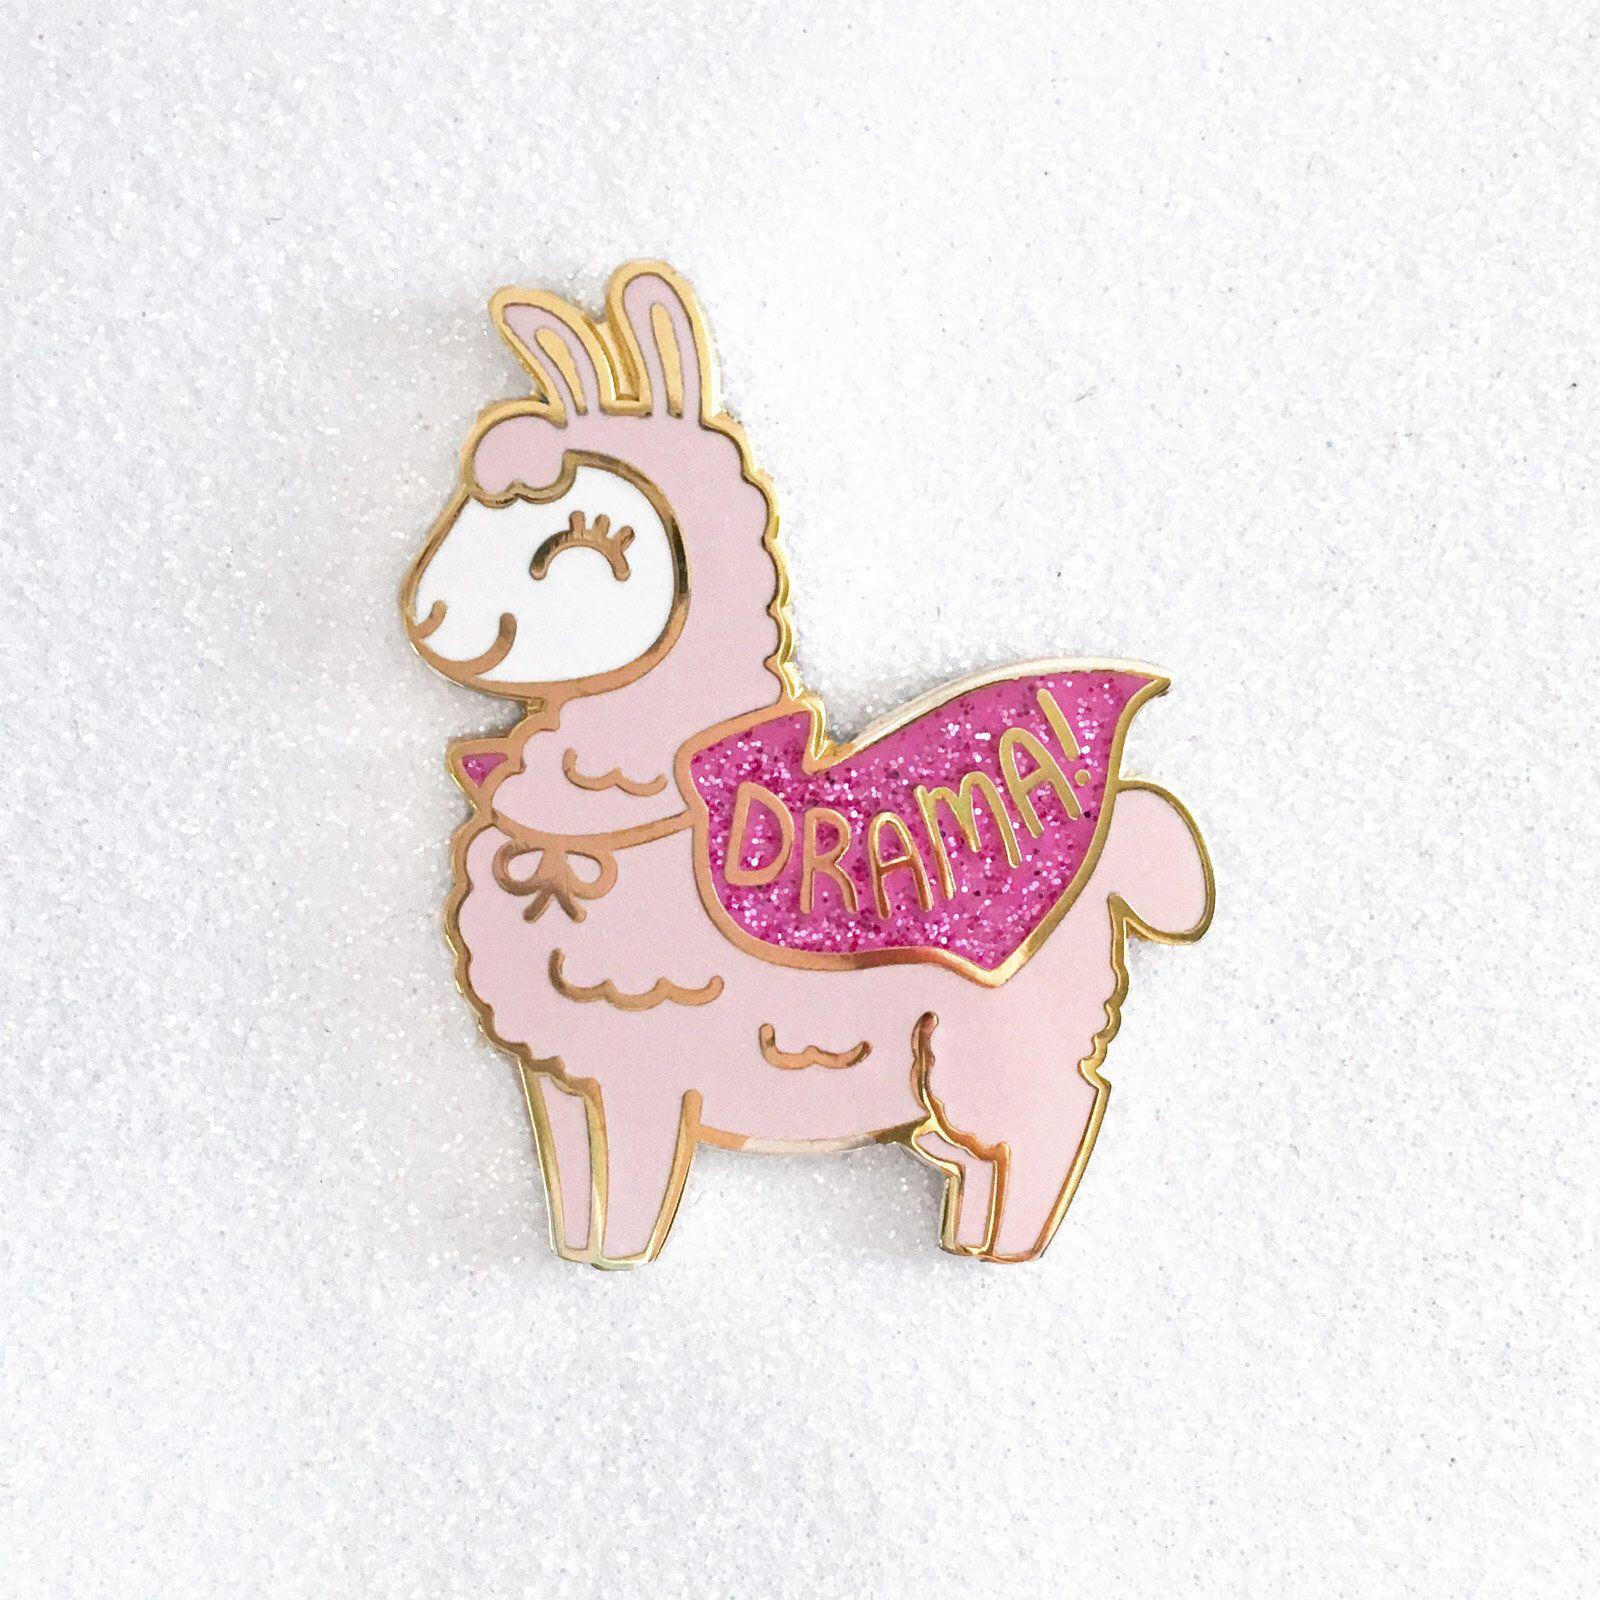 High Quality Drama Llama Hard Enamel Pin // Kawaii, Alpaca, Glitter, Funny, Pun, Animal,  Cape, Lapel Pin, Badge, Brooch, Gold, Cute, Pink, Cute